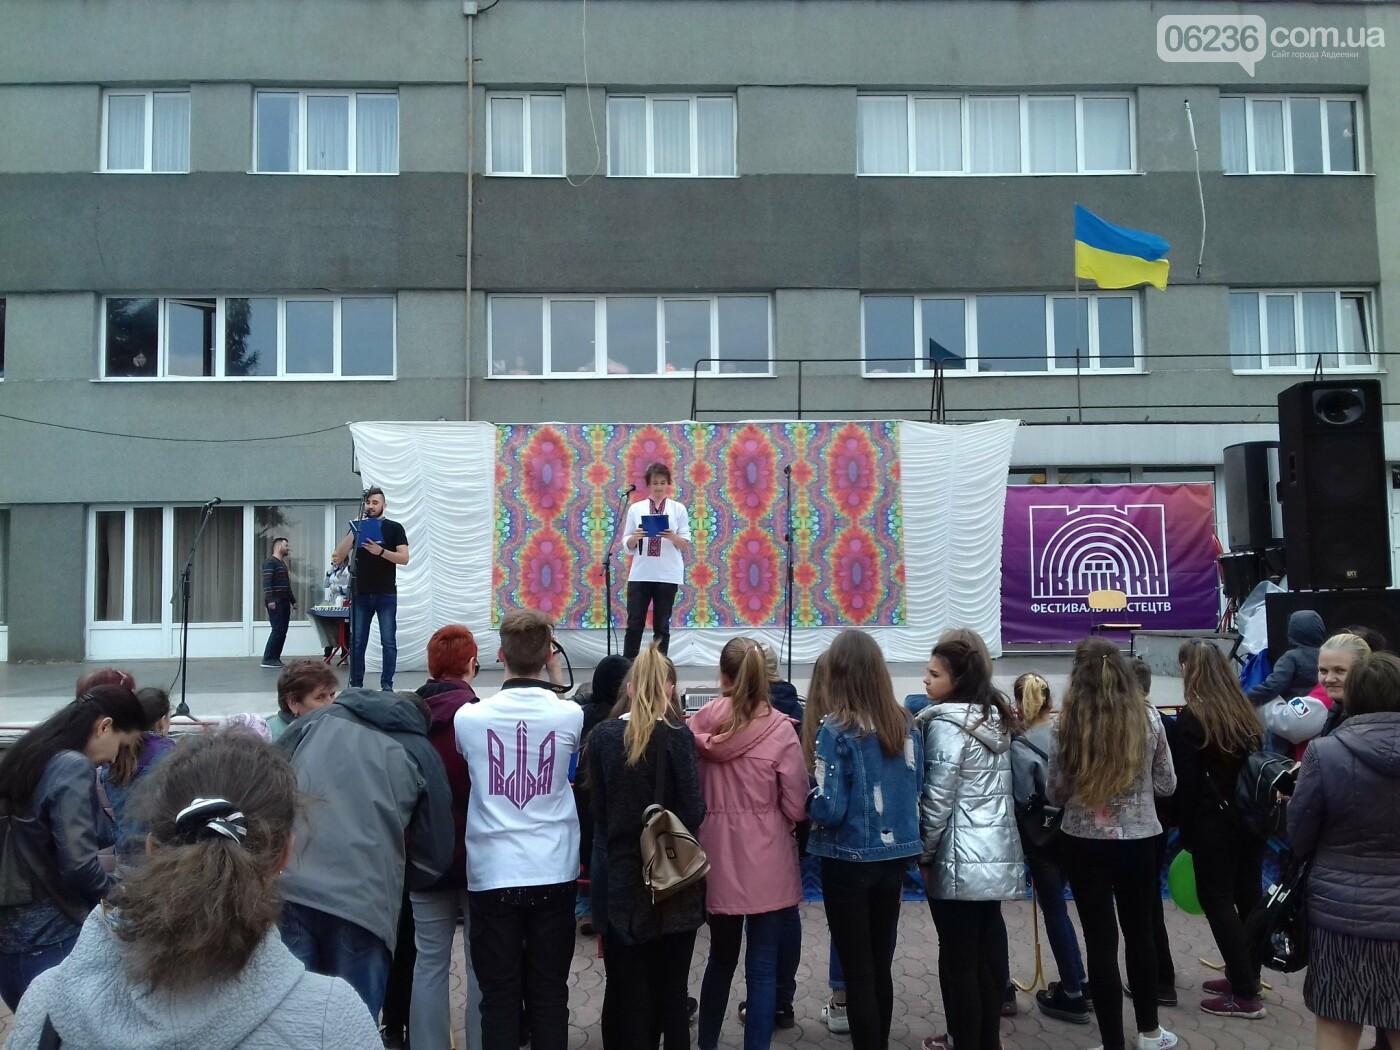 ФОТОРЕПОРТАЖ. Яркие моменты фестиваля искусств в Авдеевке, фото-4